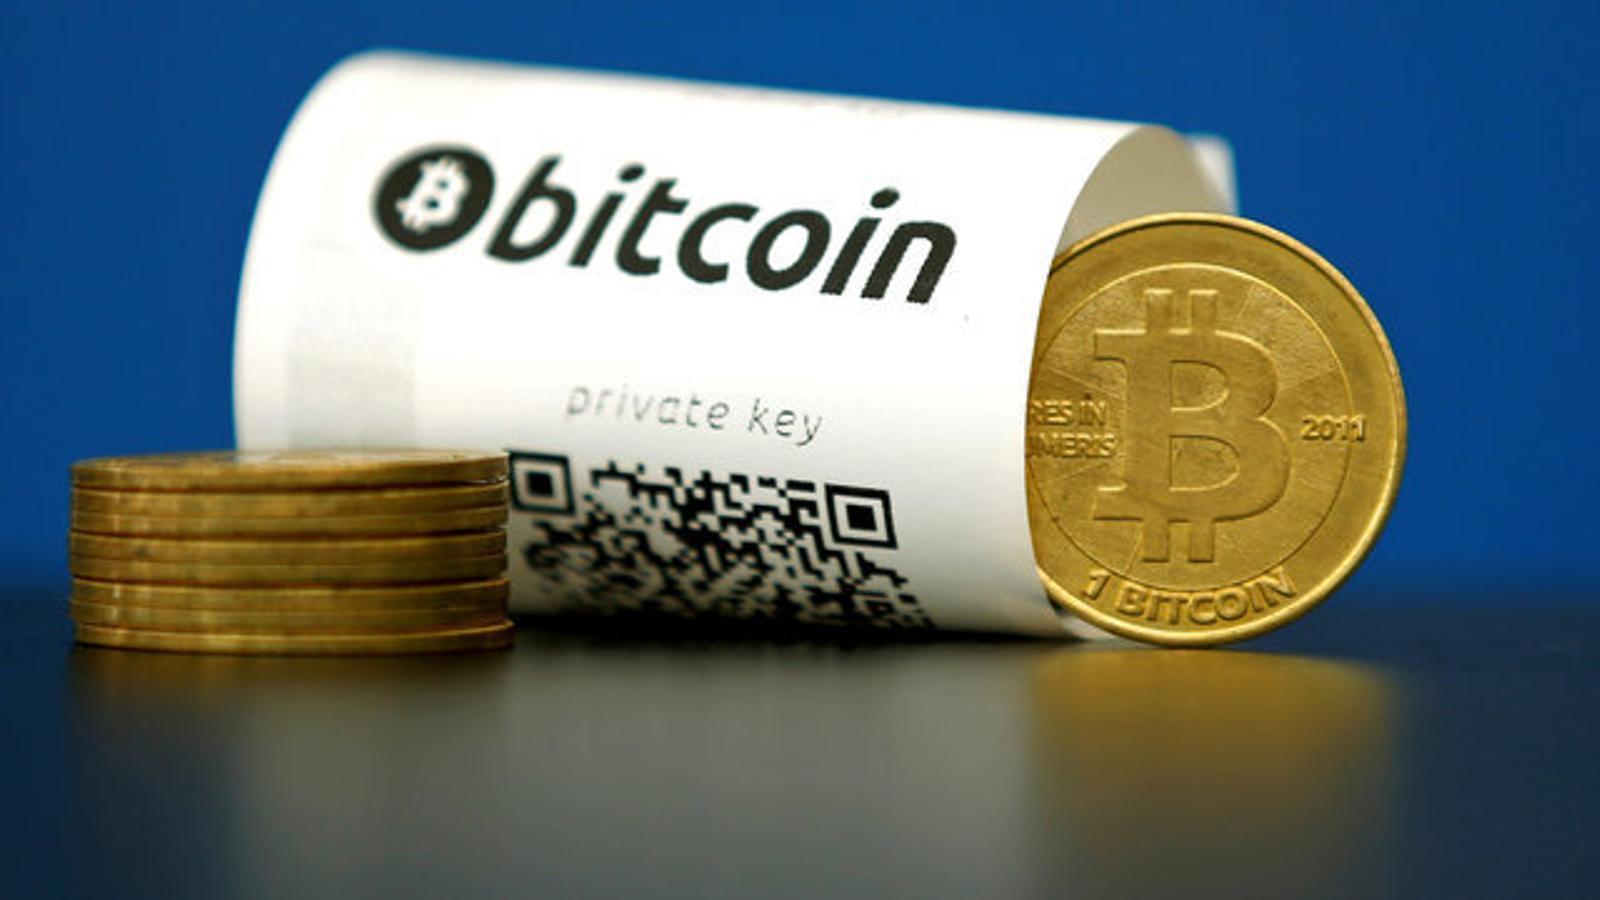 El 'bitcoin' és una nova moneda electrònica d'intercanvi de béns i serveis.